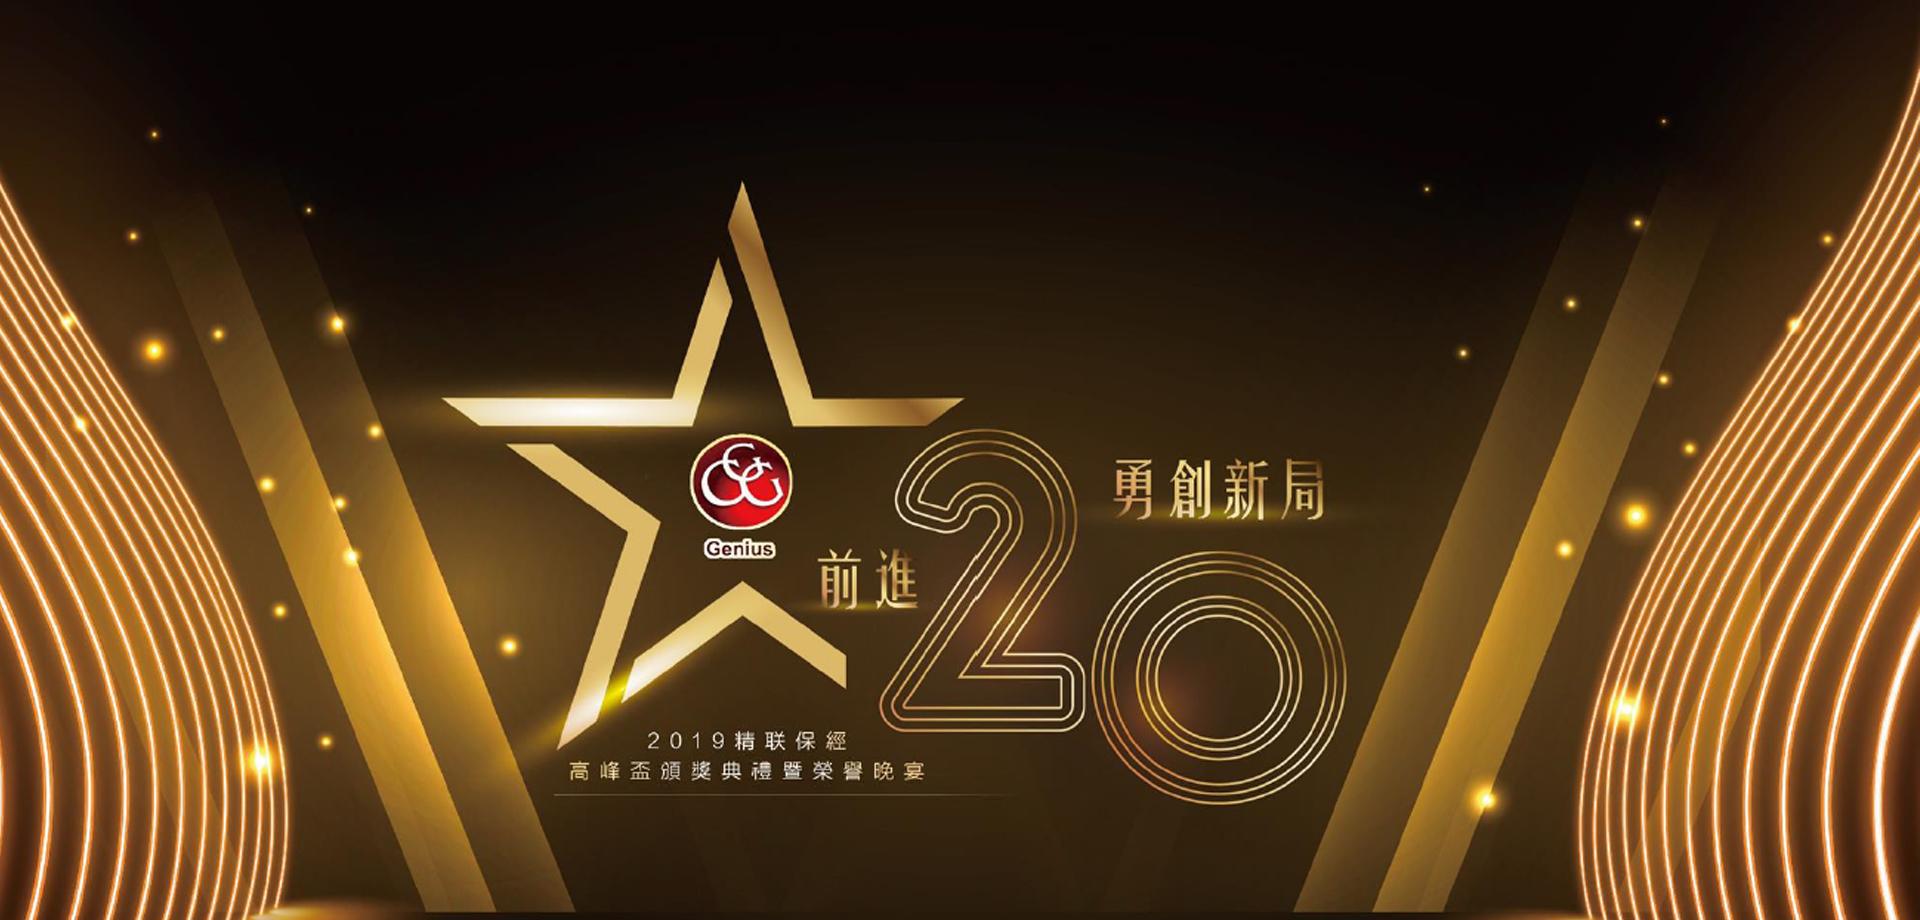 歡慶精聯20周年